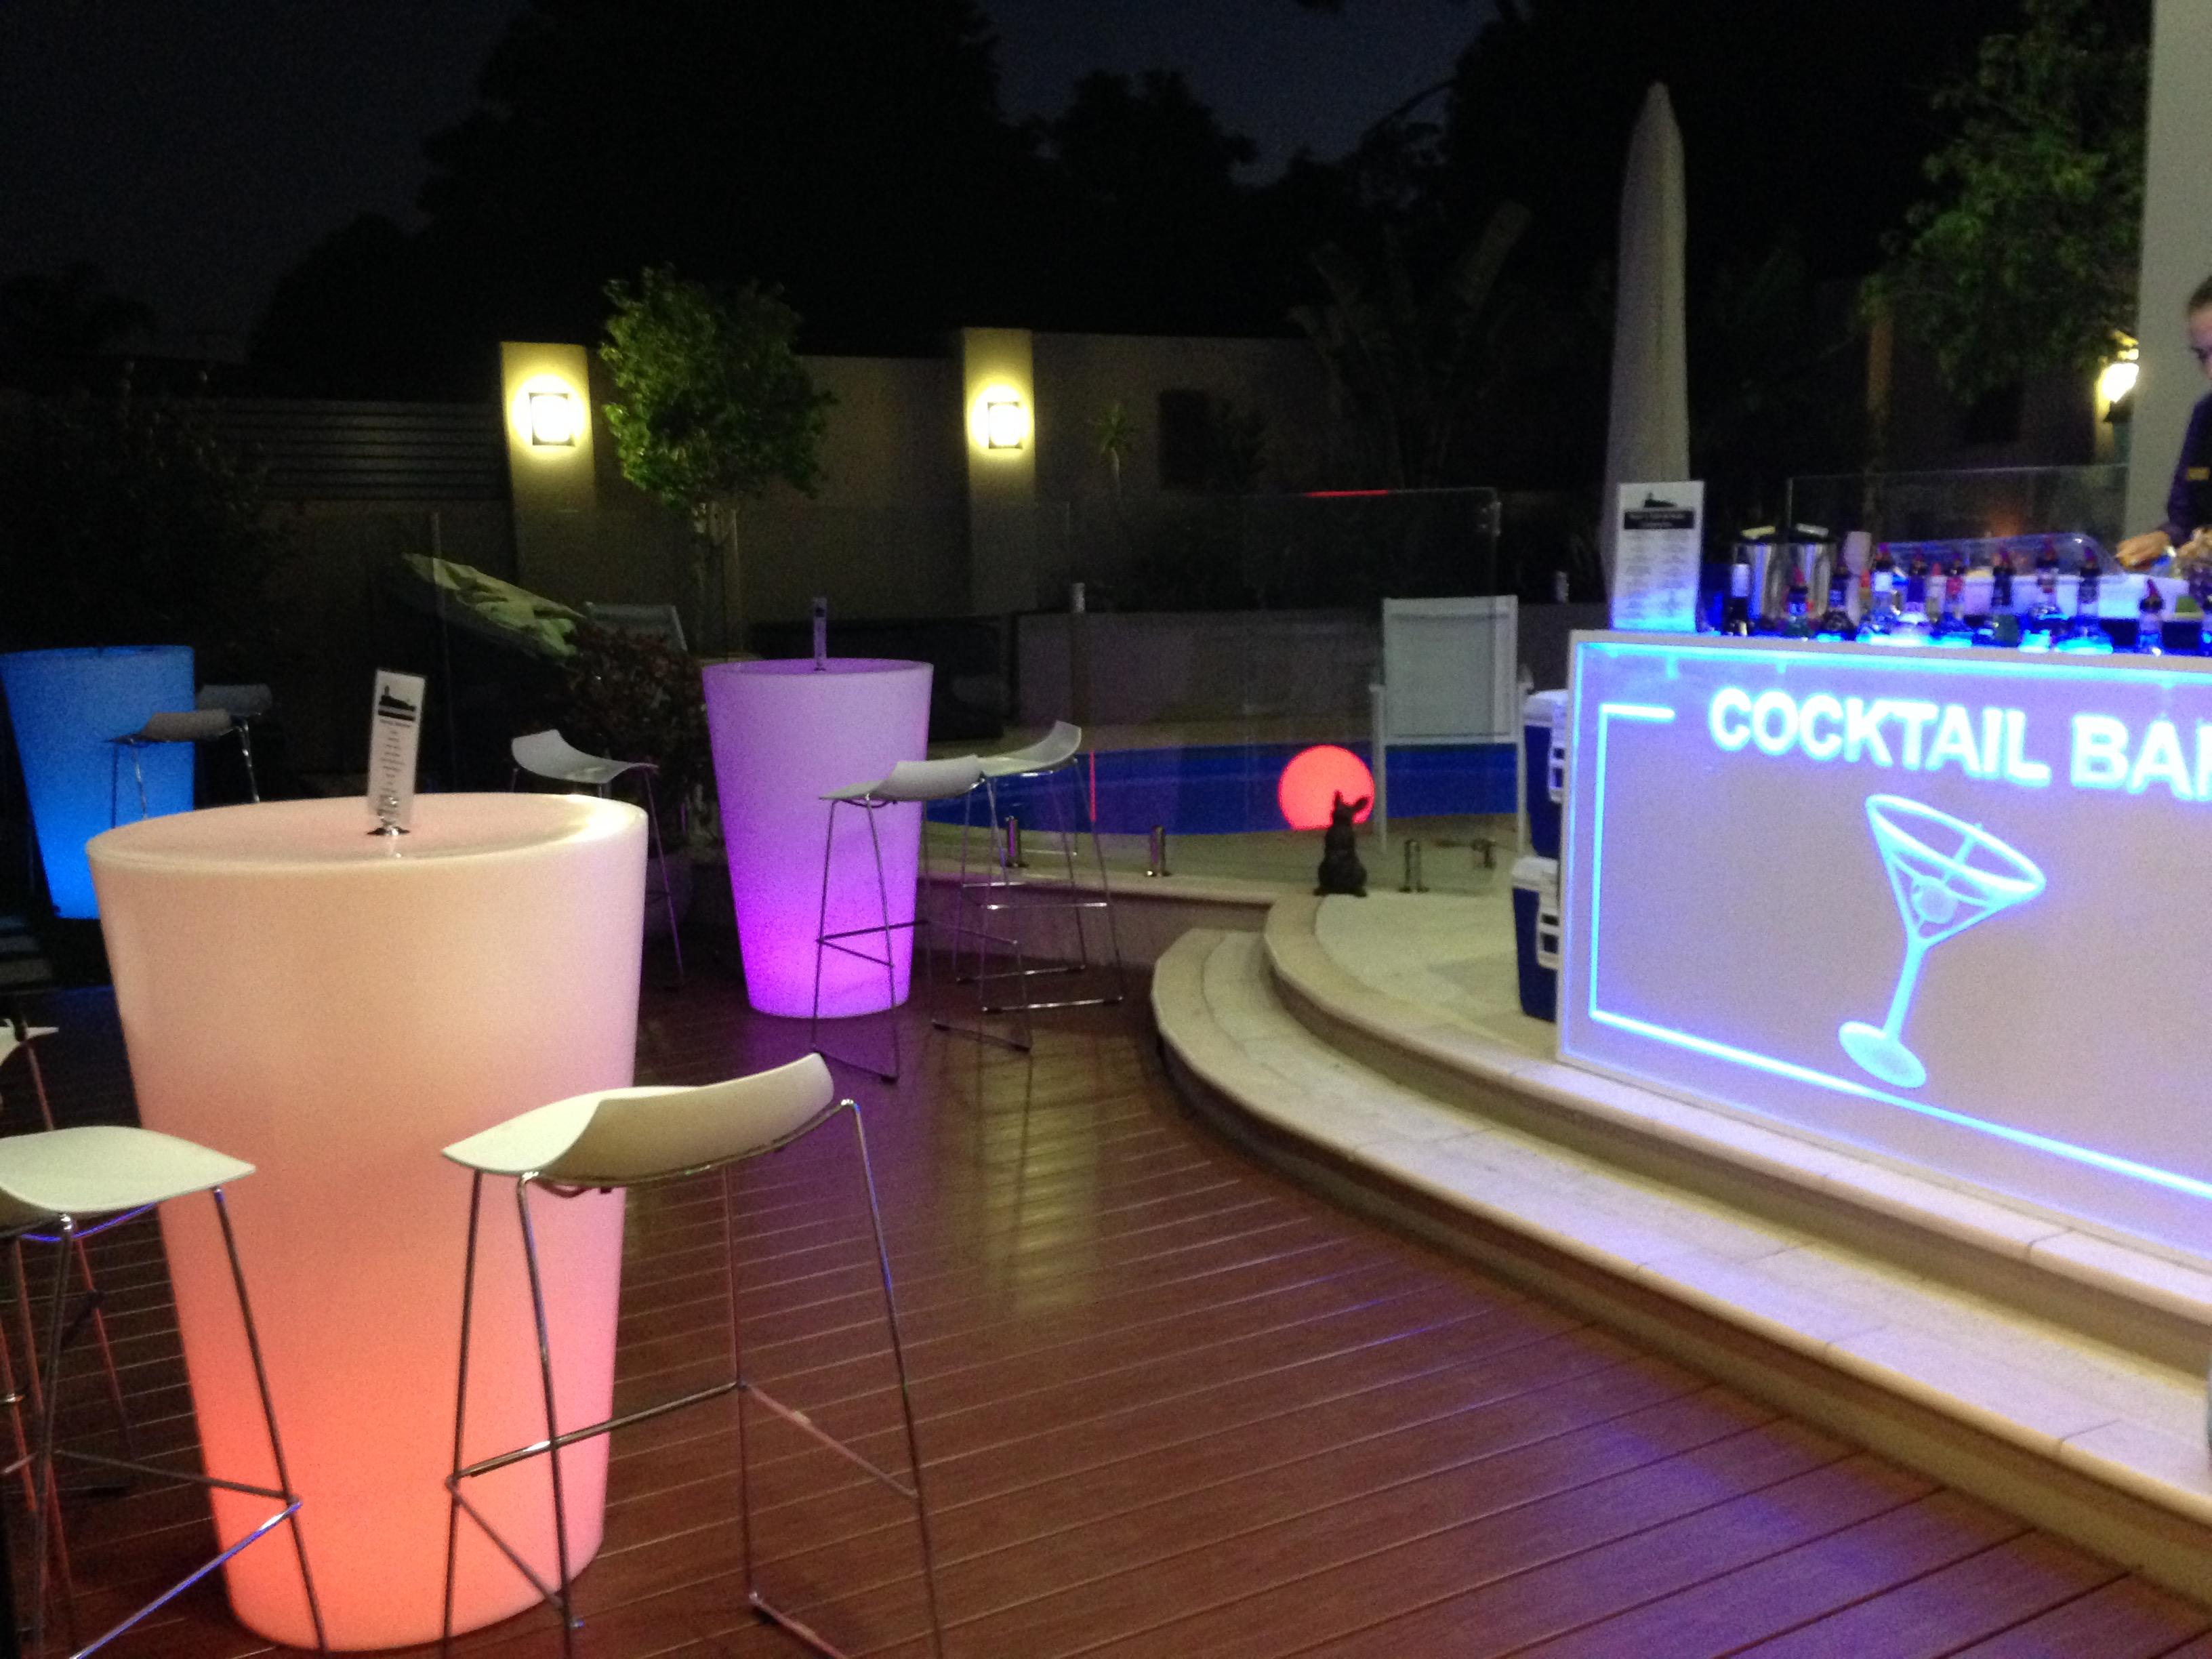 illuminated-furniture-and-bar.jpg